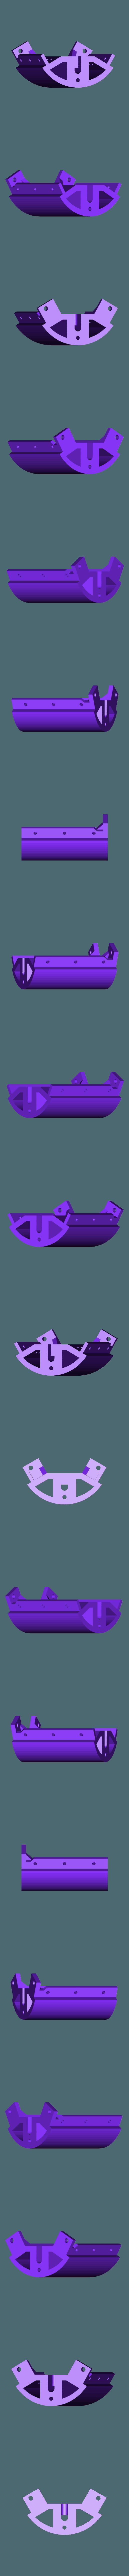 kossel_base_stand_75mm.stl Télécharger fichier STL gratuit Stand de base de Kossel • Plan pour impression 3D, peaberry